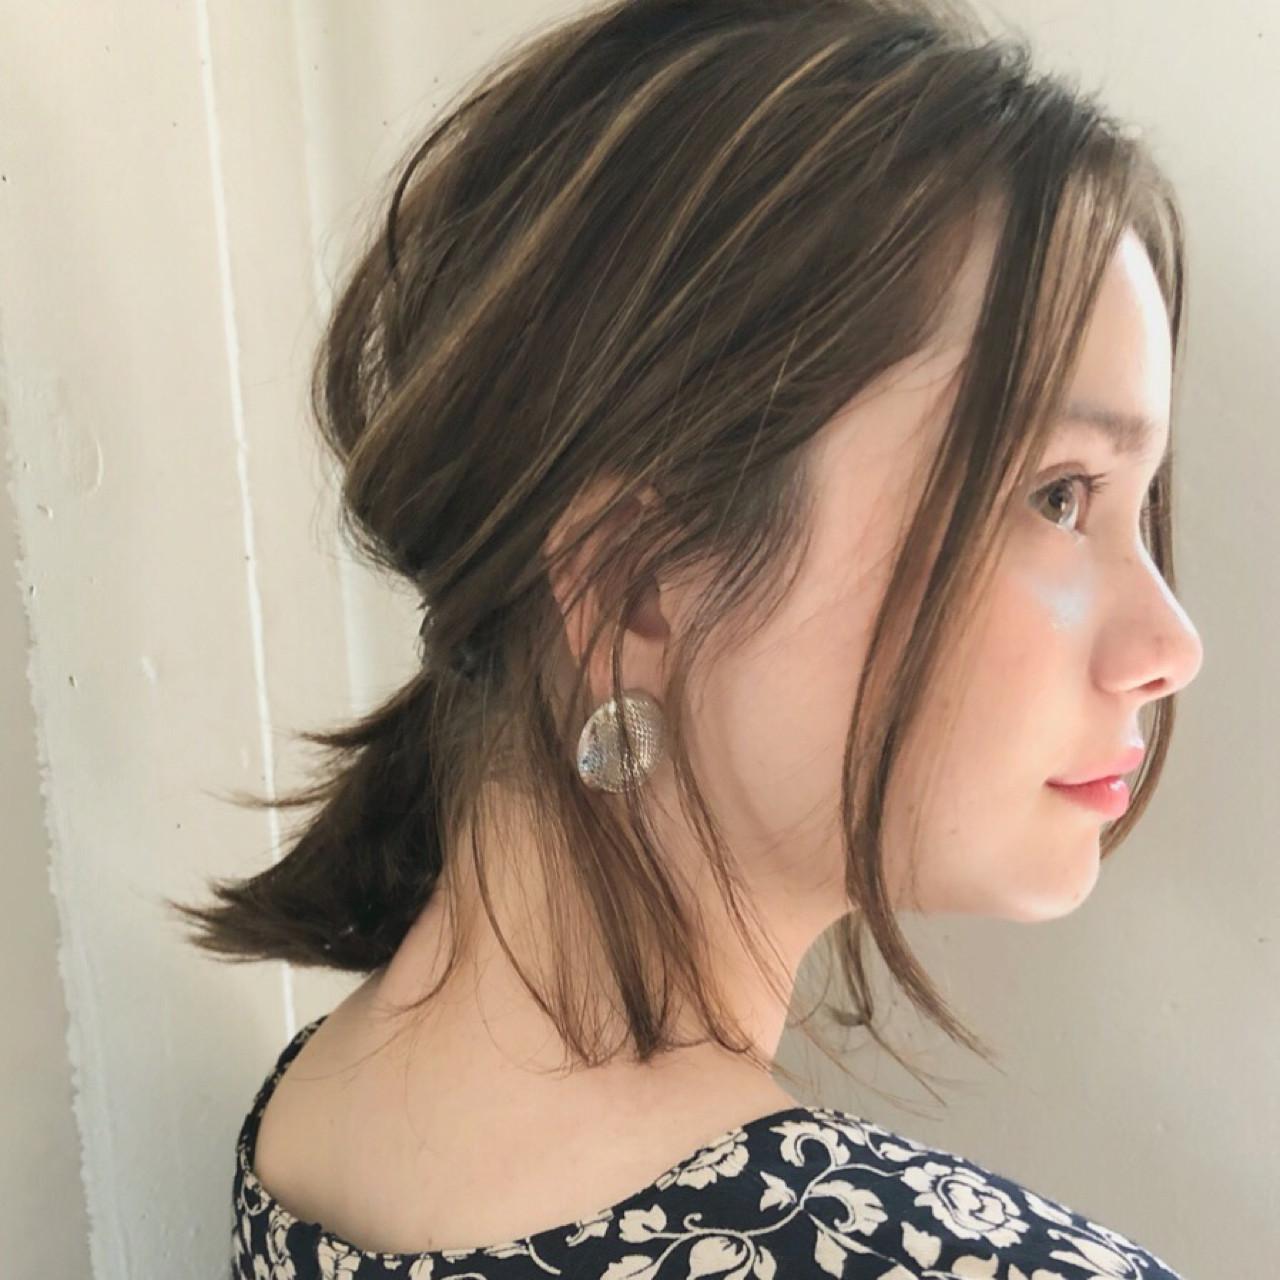 ガーリーゆるめの簡単アレンジ 中島 潮里 / whyte